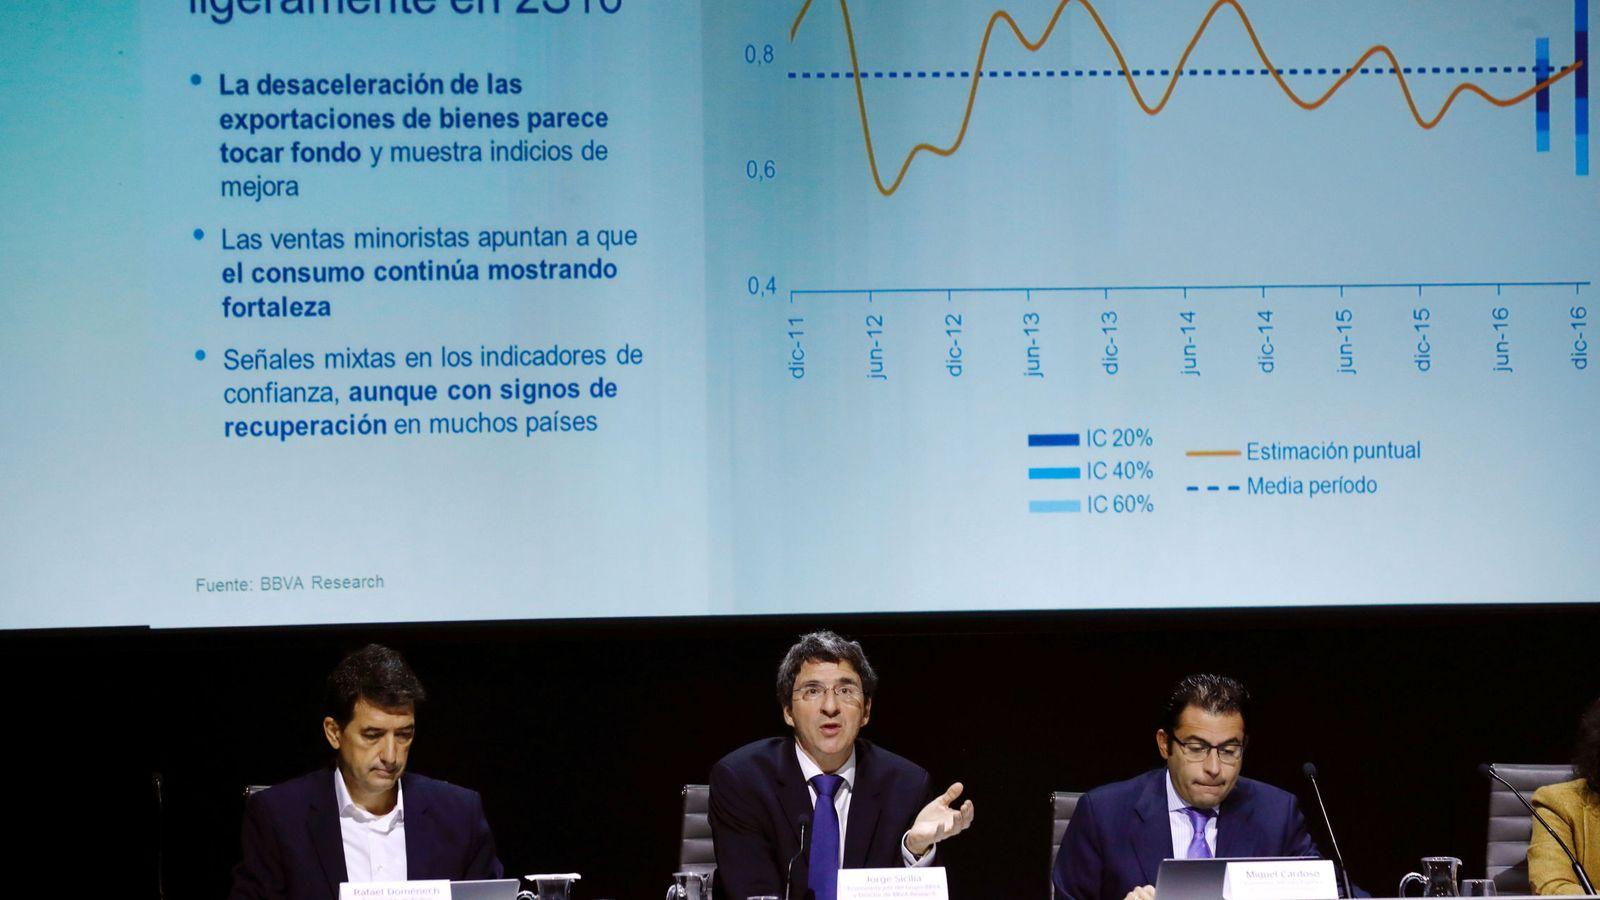 Foto: El economista jefe del BBVA, Jorge Sicilia (c), junto al economista jefe para España, Miguel Cardoso (d), y el responsable de análisis, Rafael Domenech. (EFE)